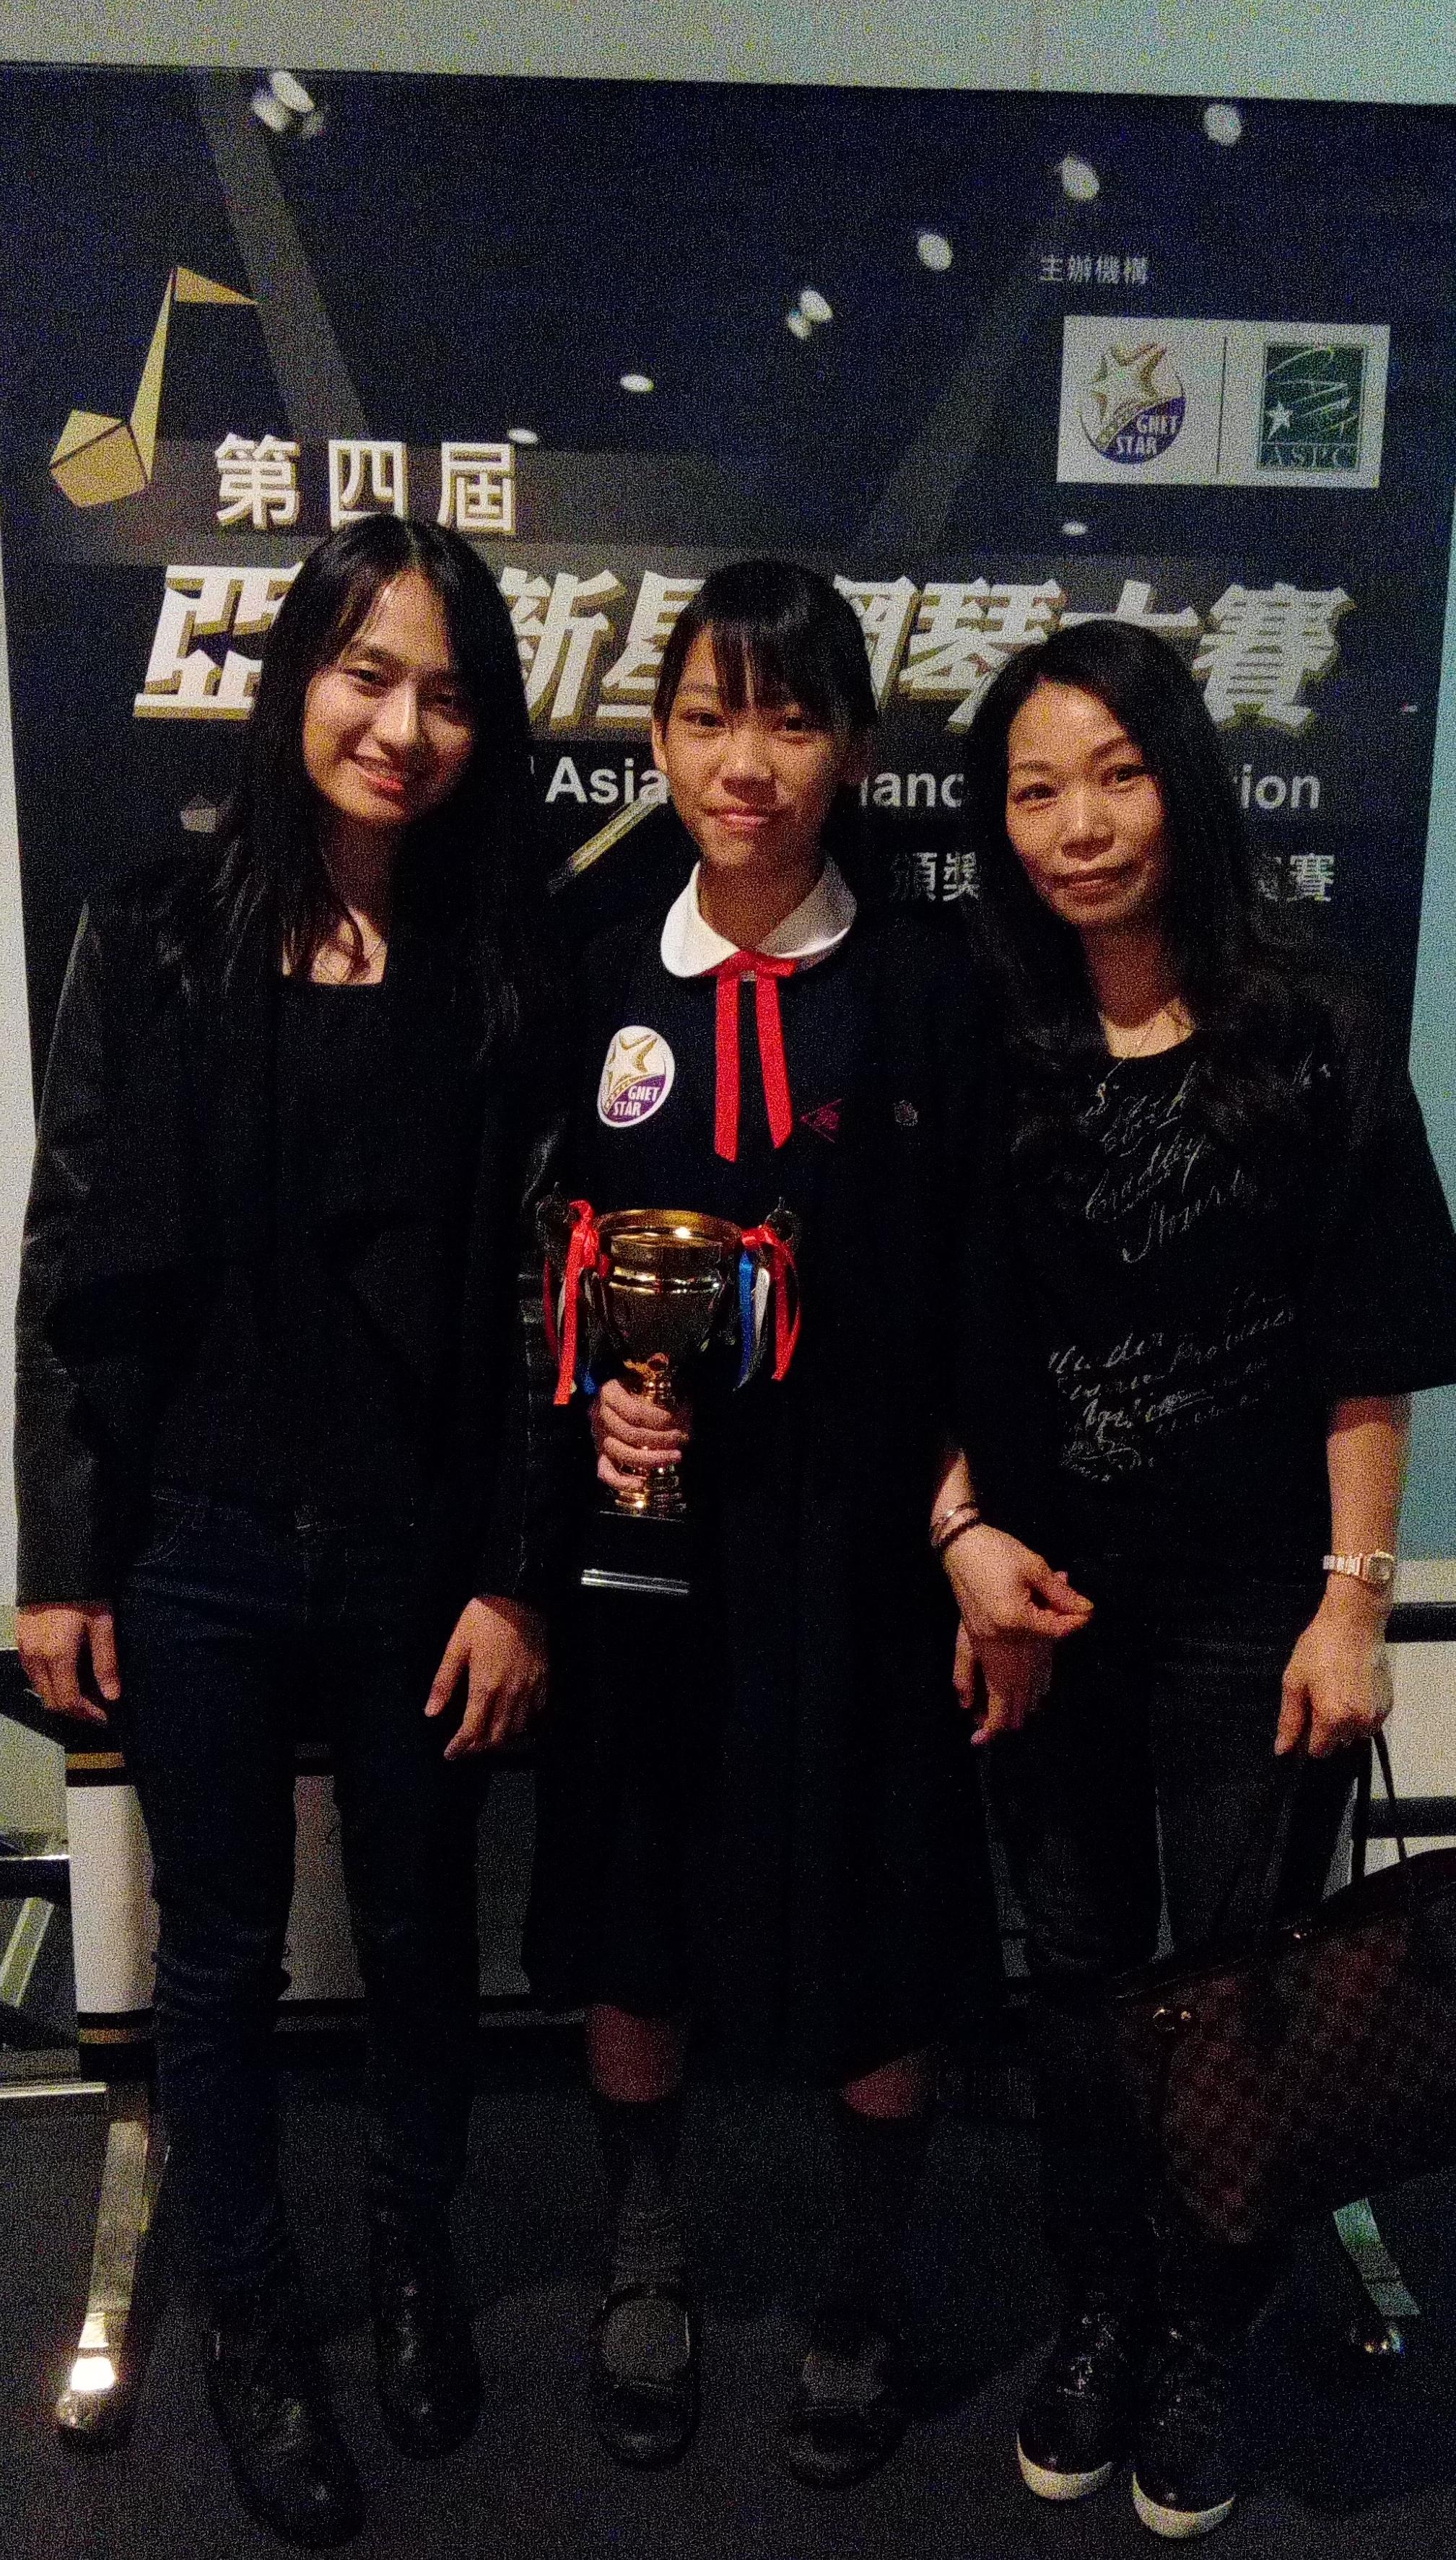 指導老師 Miss Wong與7級組鋼琴大賽冠軍得獎者吳同學及其家長合照